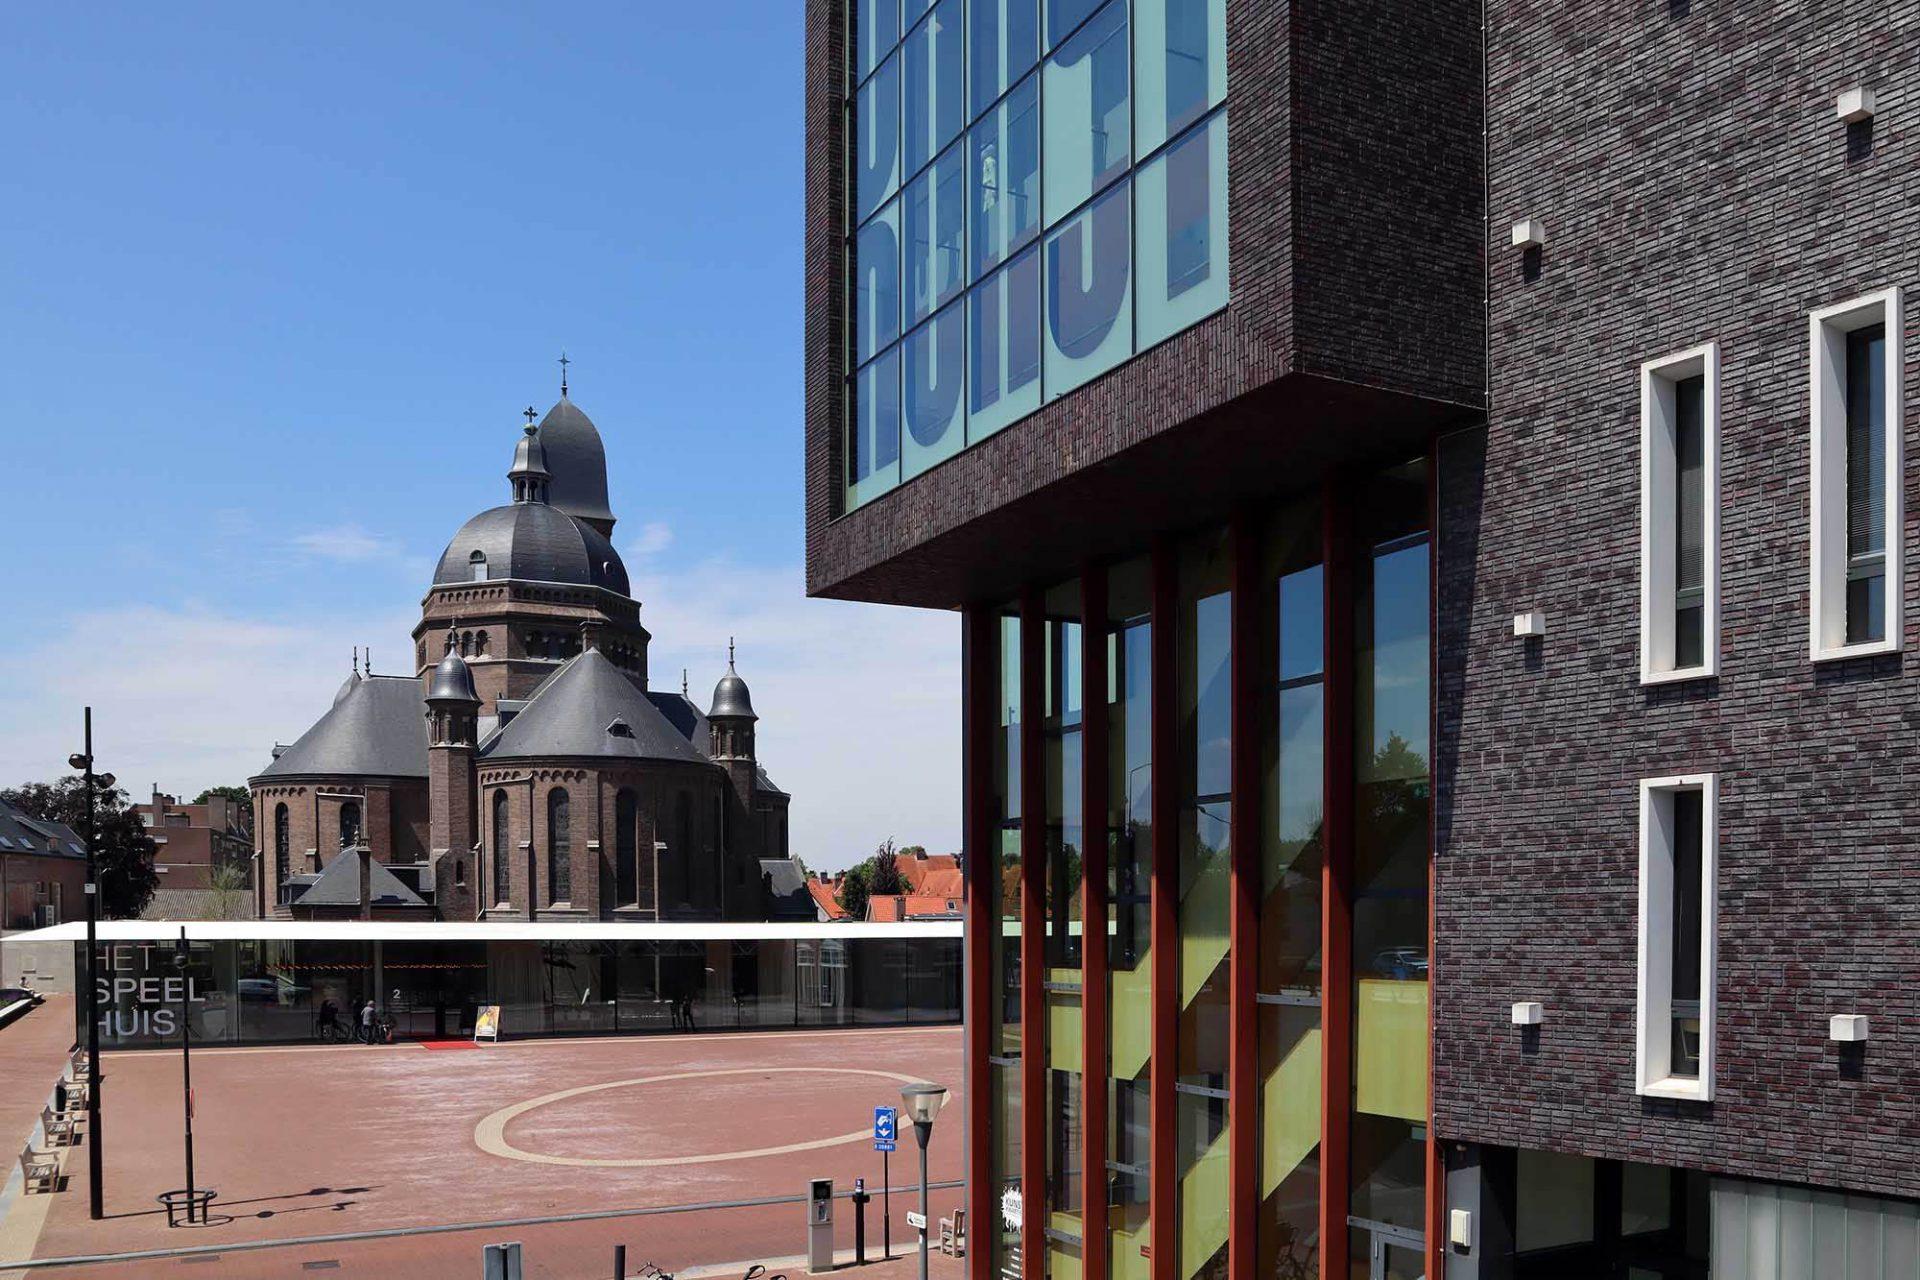 Het Speelhuis. Der Anbau nach Plänen von Van Dongen – Koschuch Architects & Planners wurde 2018 eröffnet.